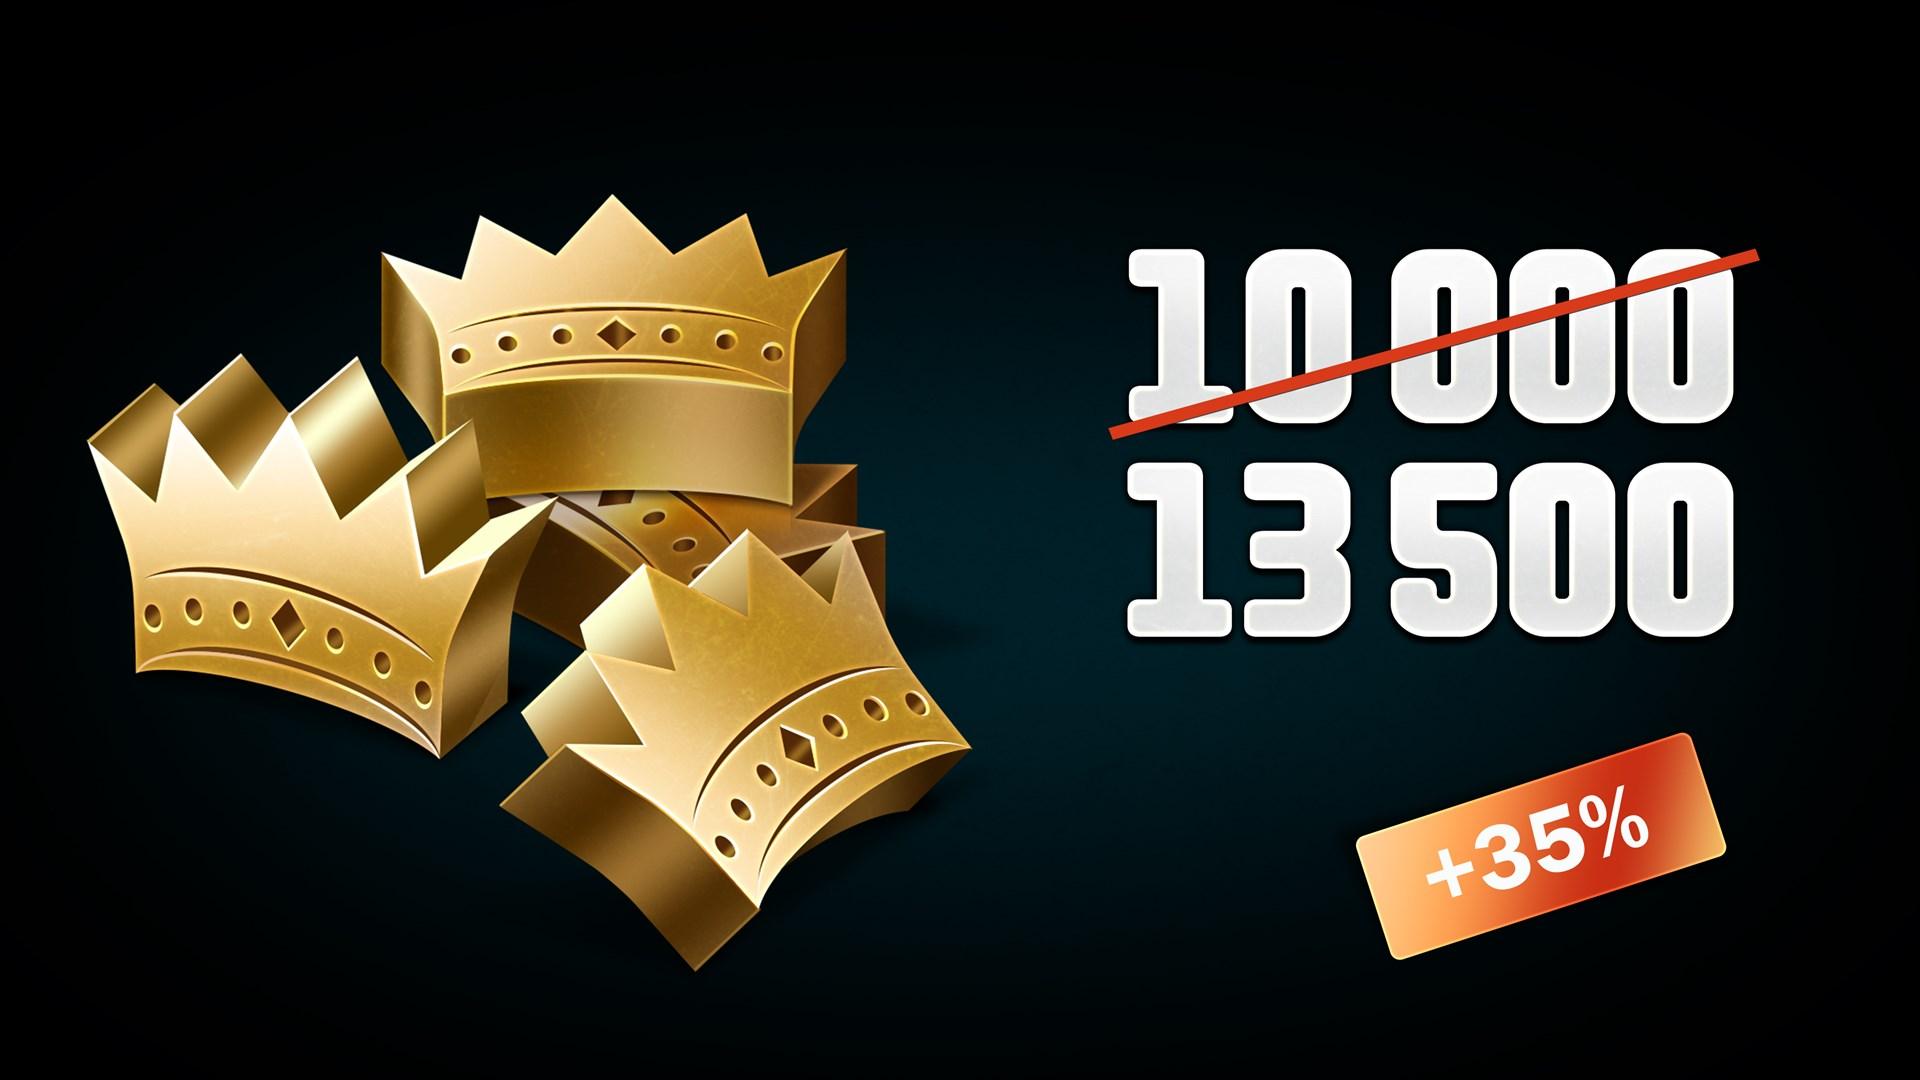 CRSED: F.O.A.D. - 10000 (+3500 Bonus) Golden Crowns